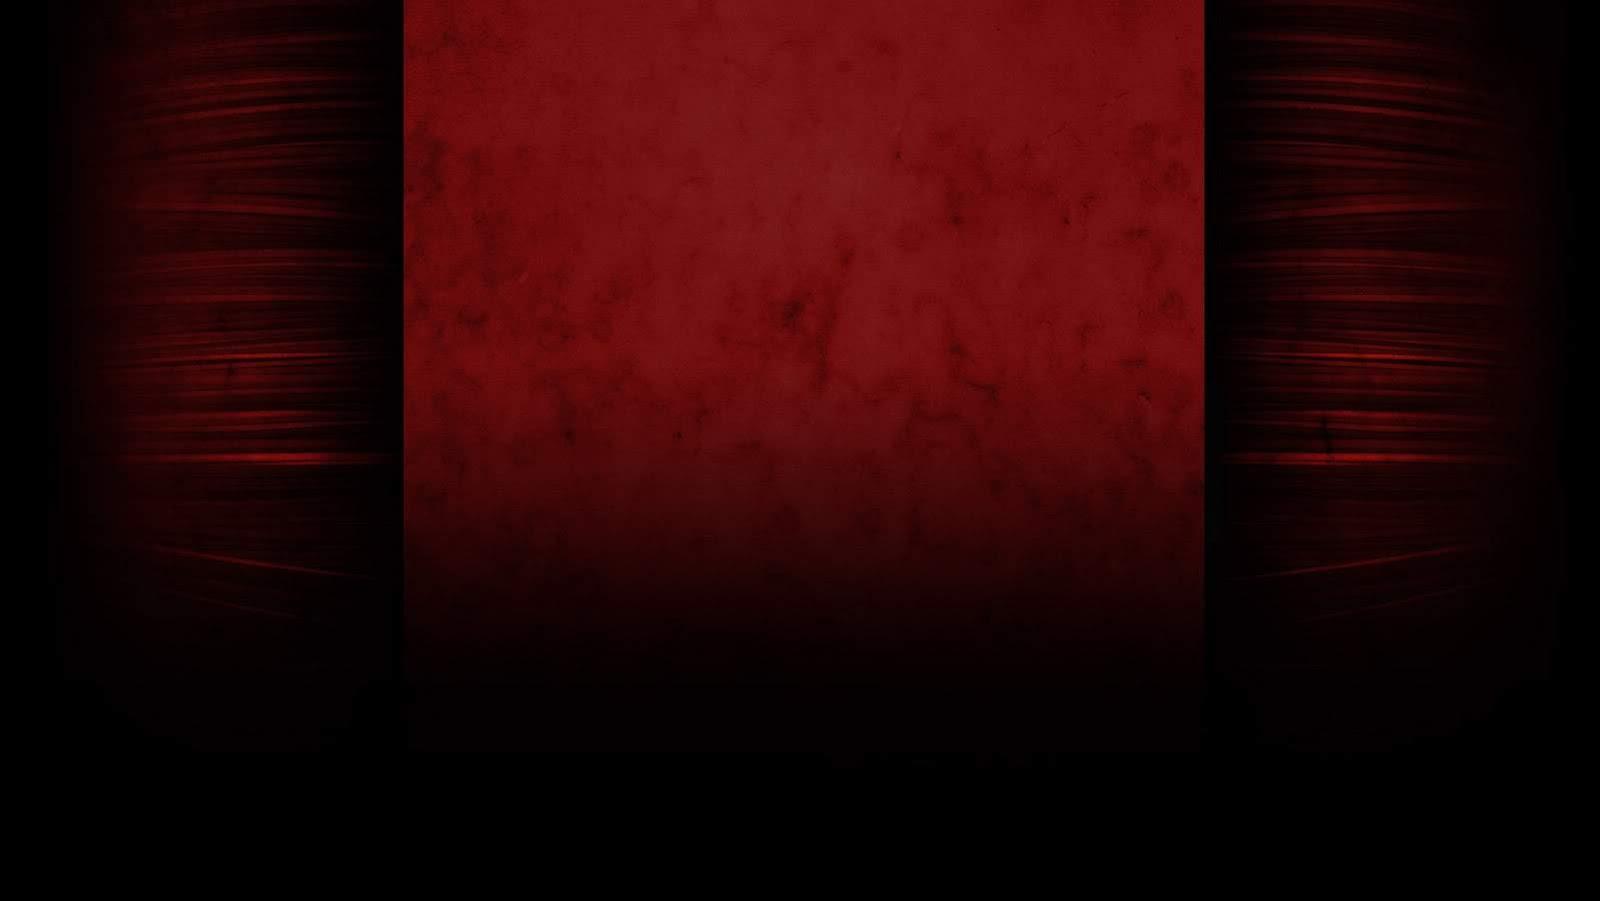 Dark Red Wallpaper Hd Wallpapersafari